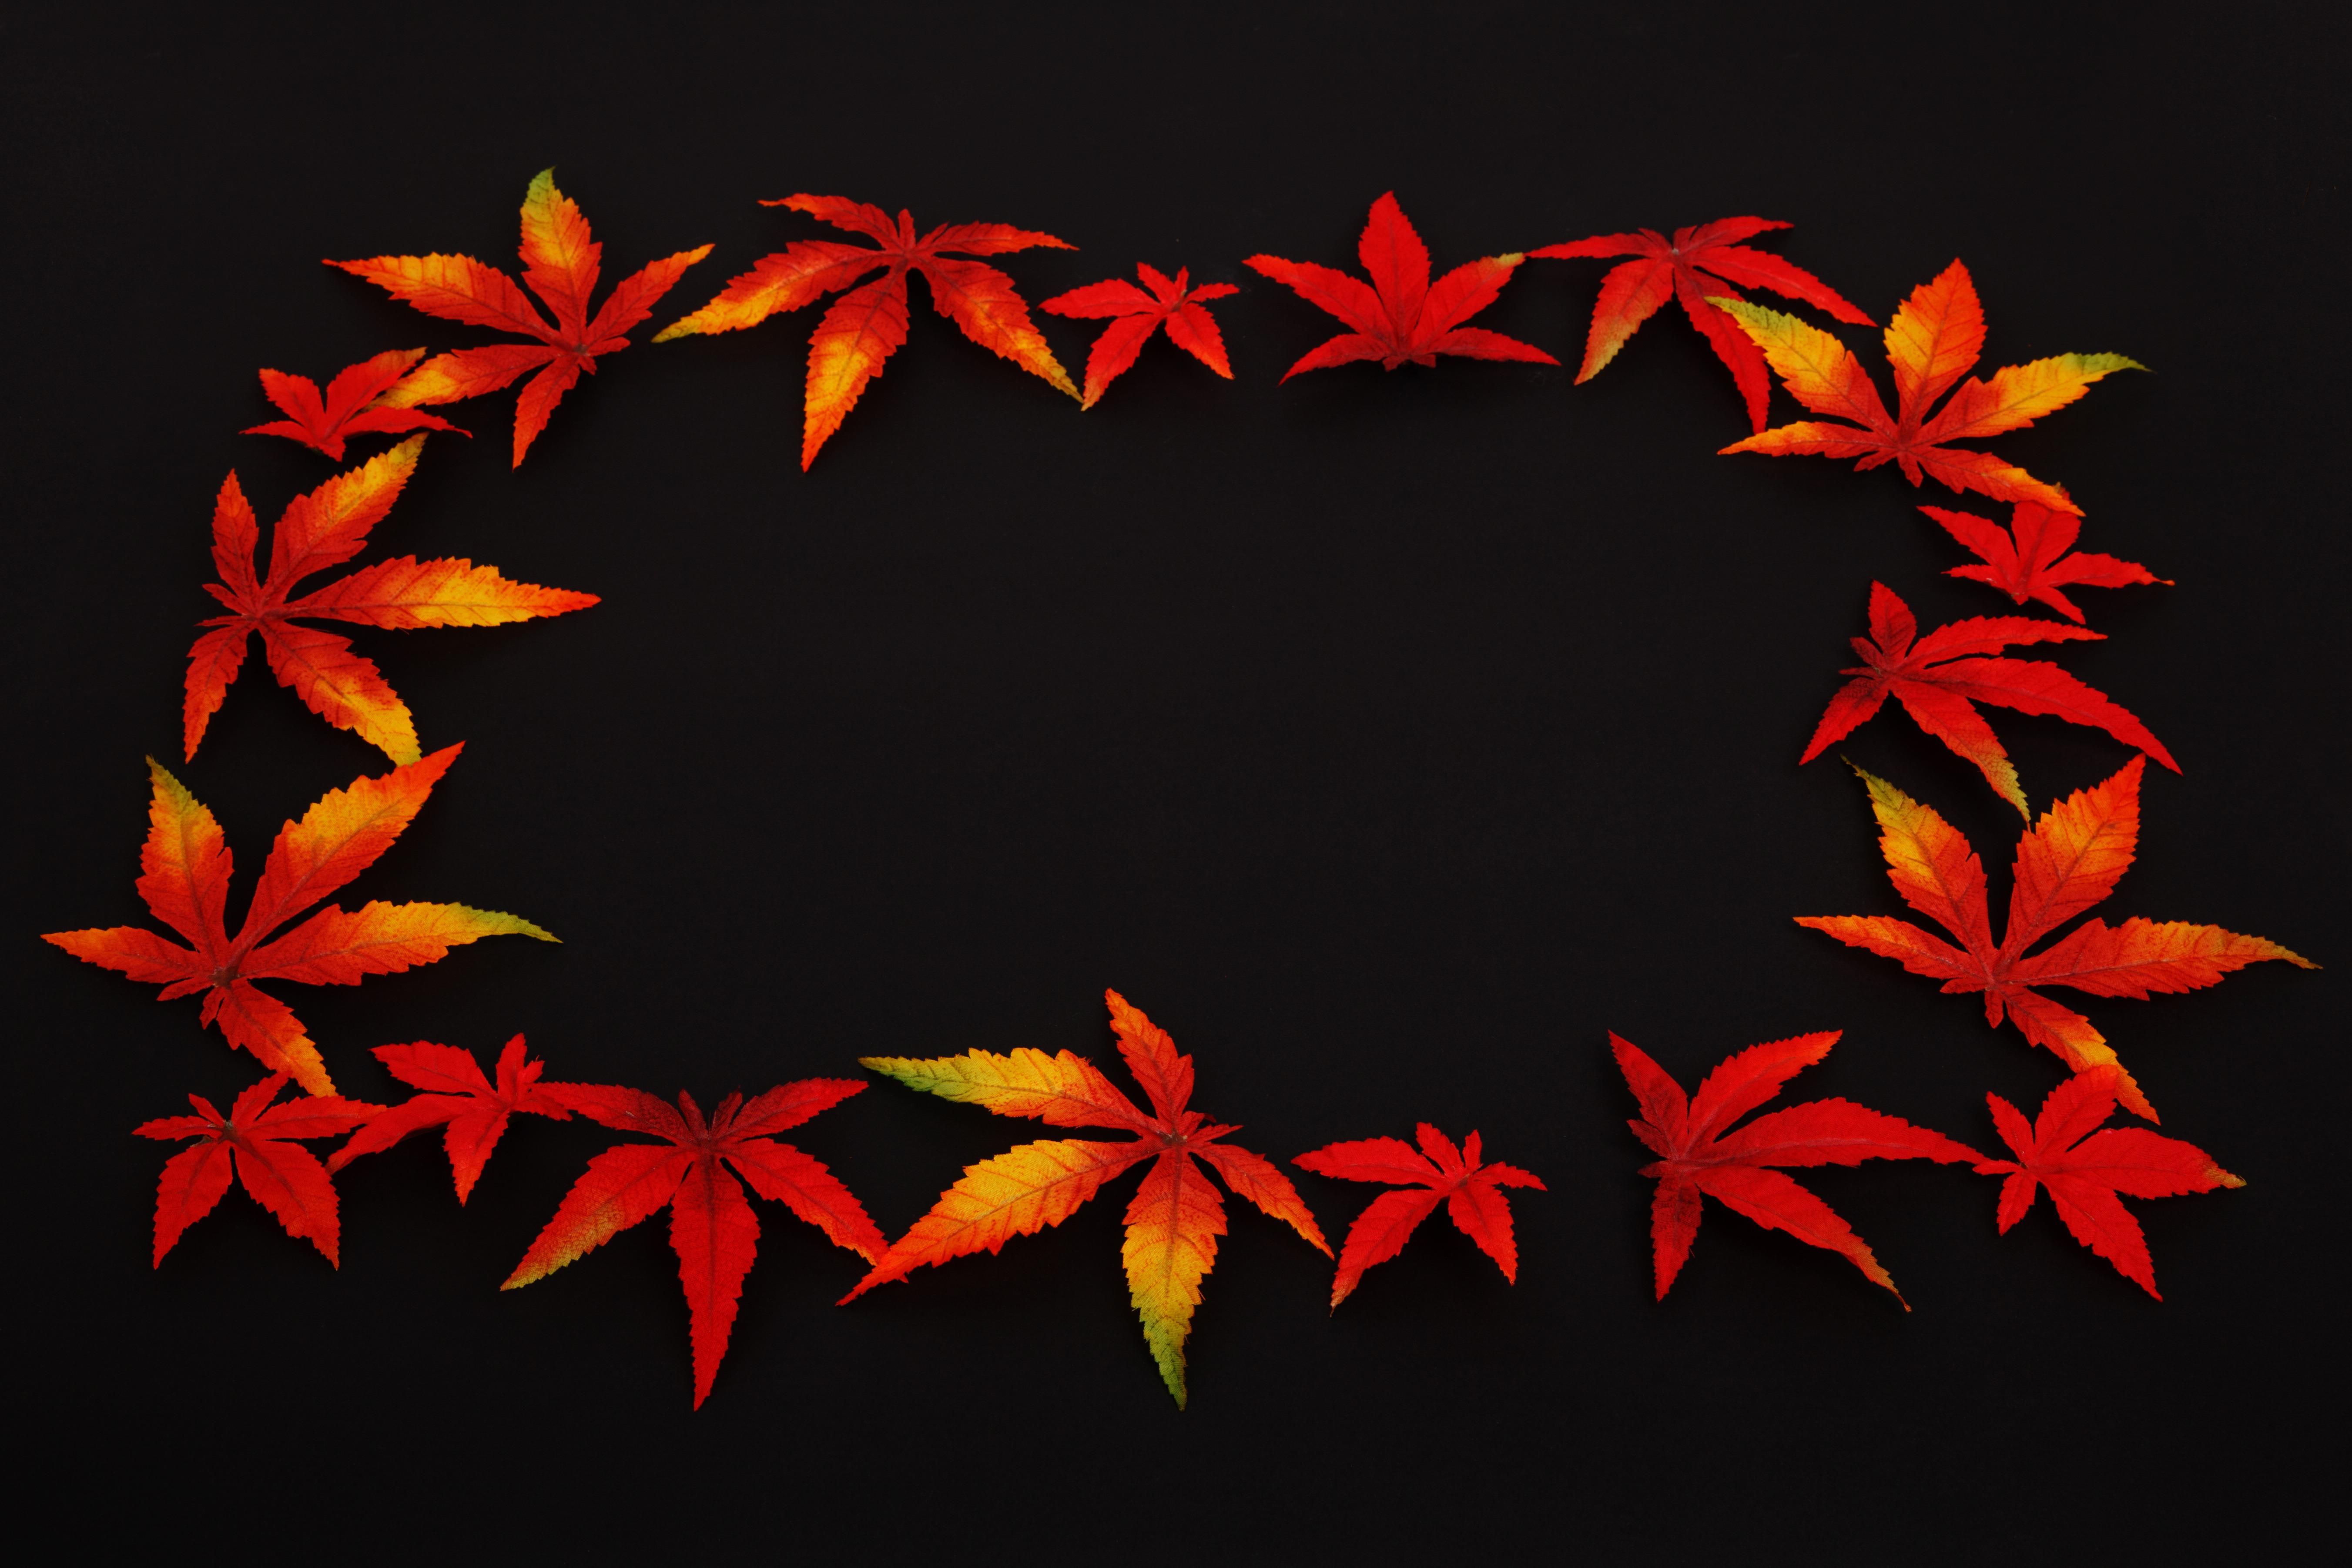 Fotos gratis : naturaleza, rama, planta, otoño, flor, pétalo, oscuro ...